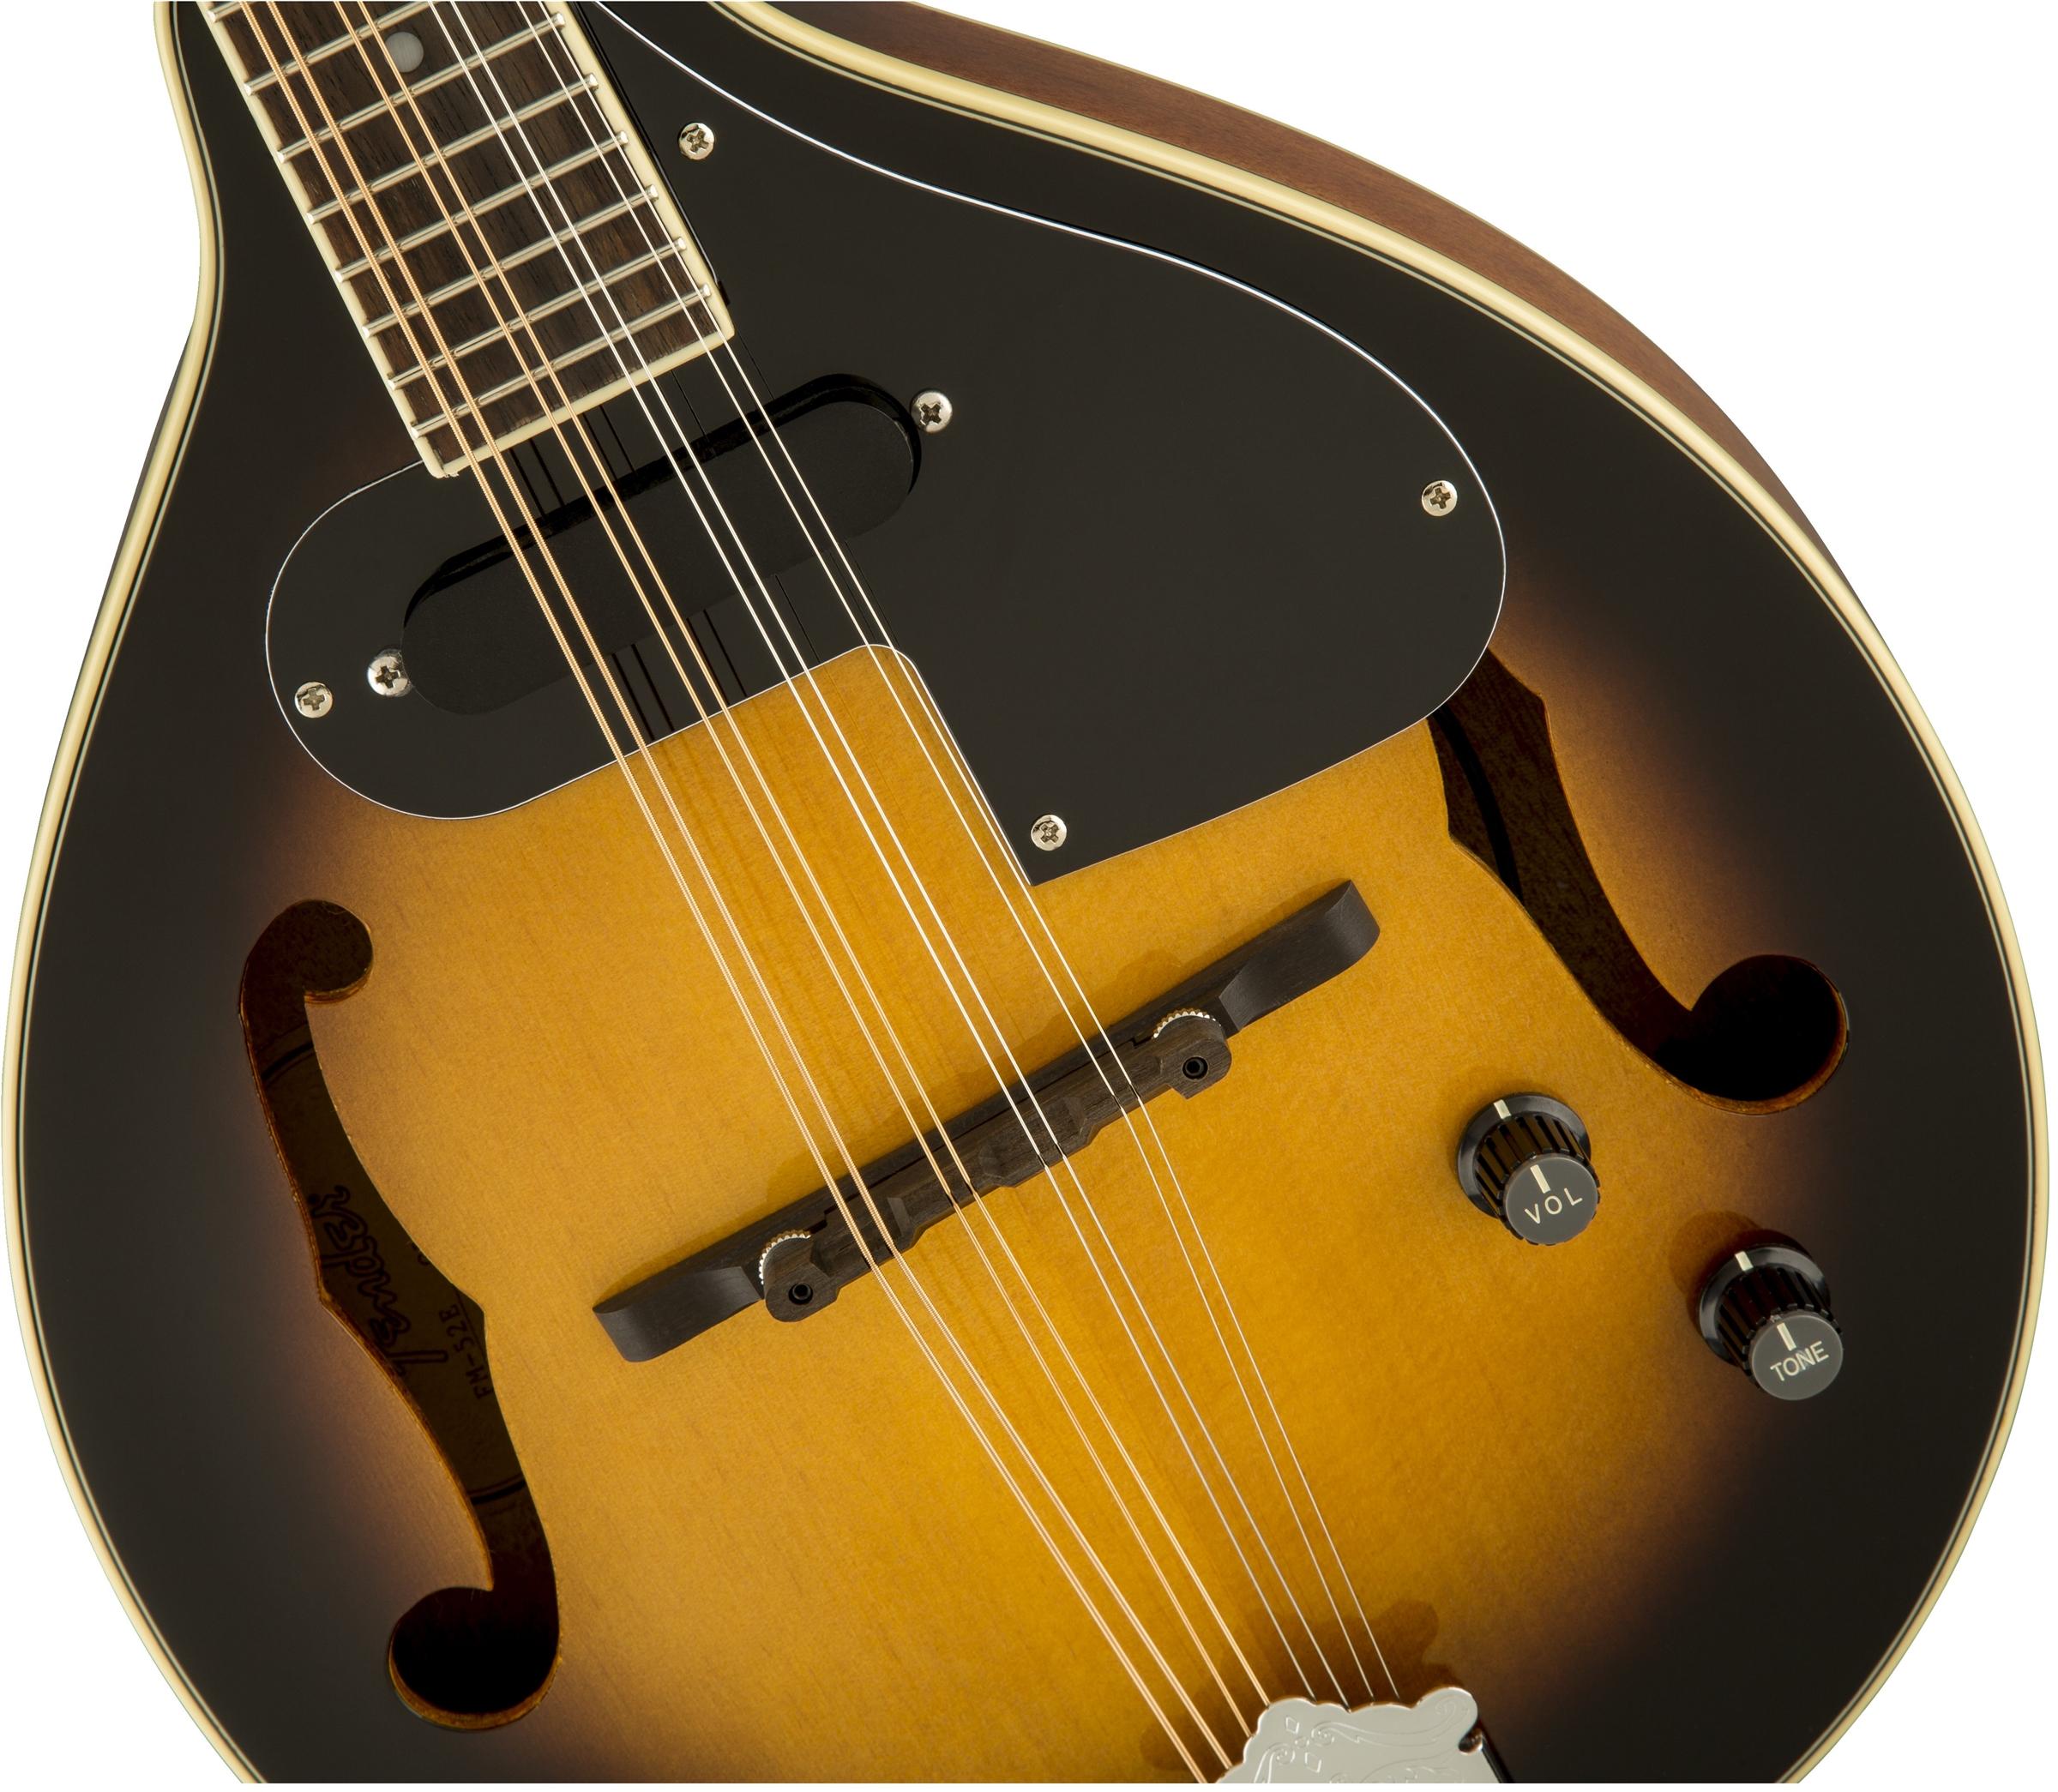 Fender Mandolin fm 52e fm 52e Mandolin